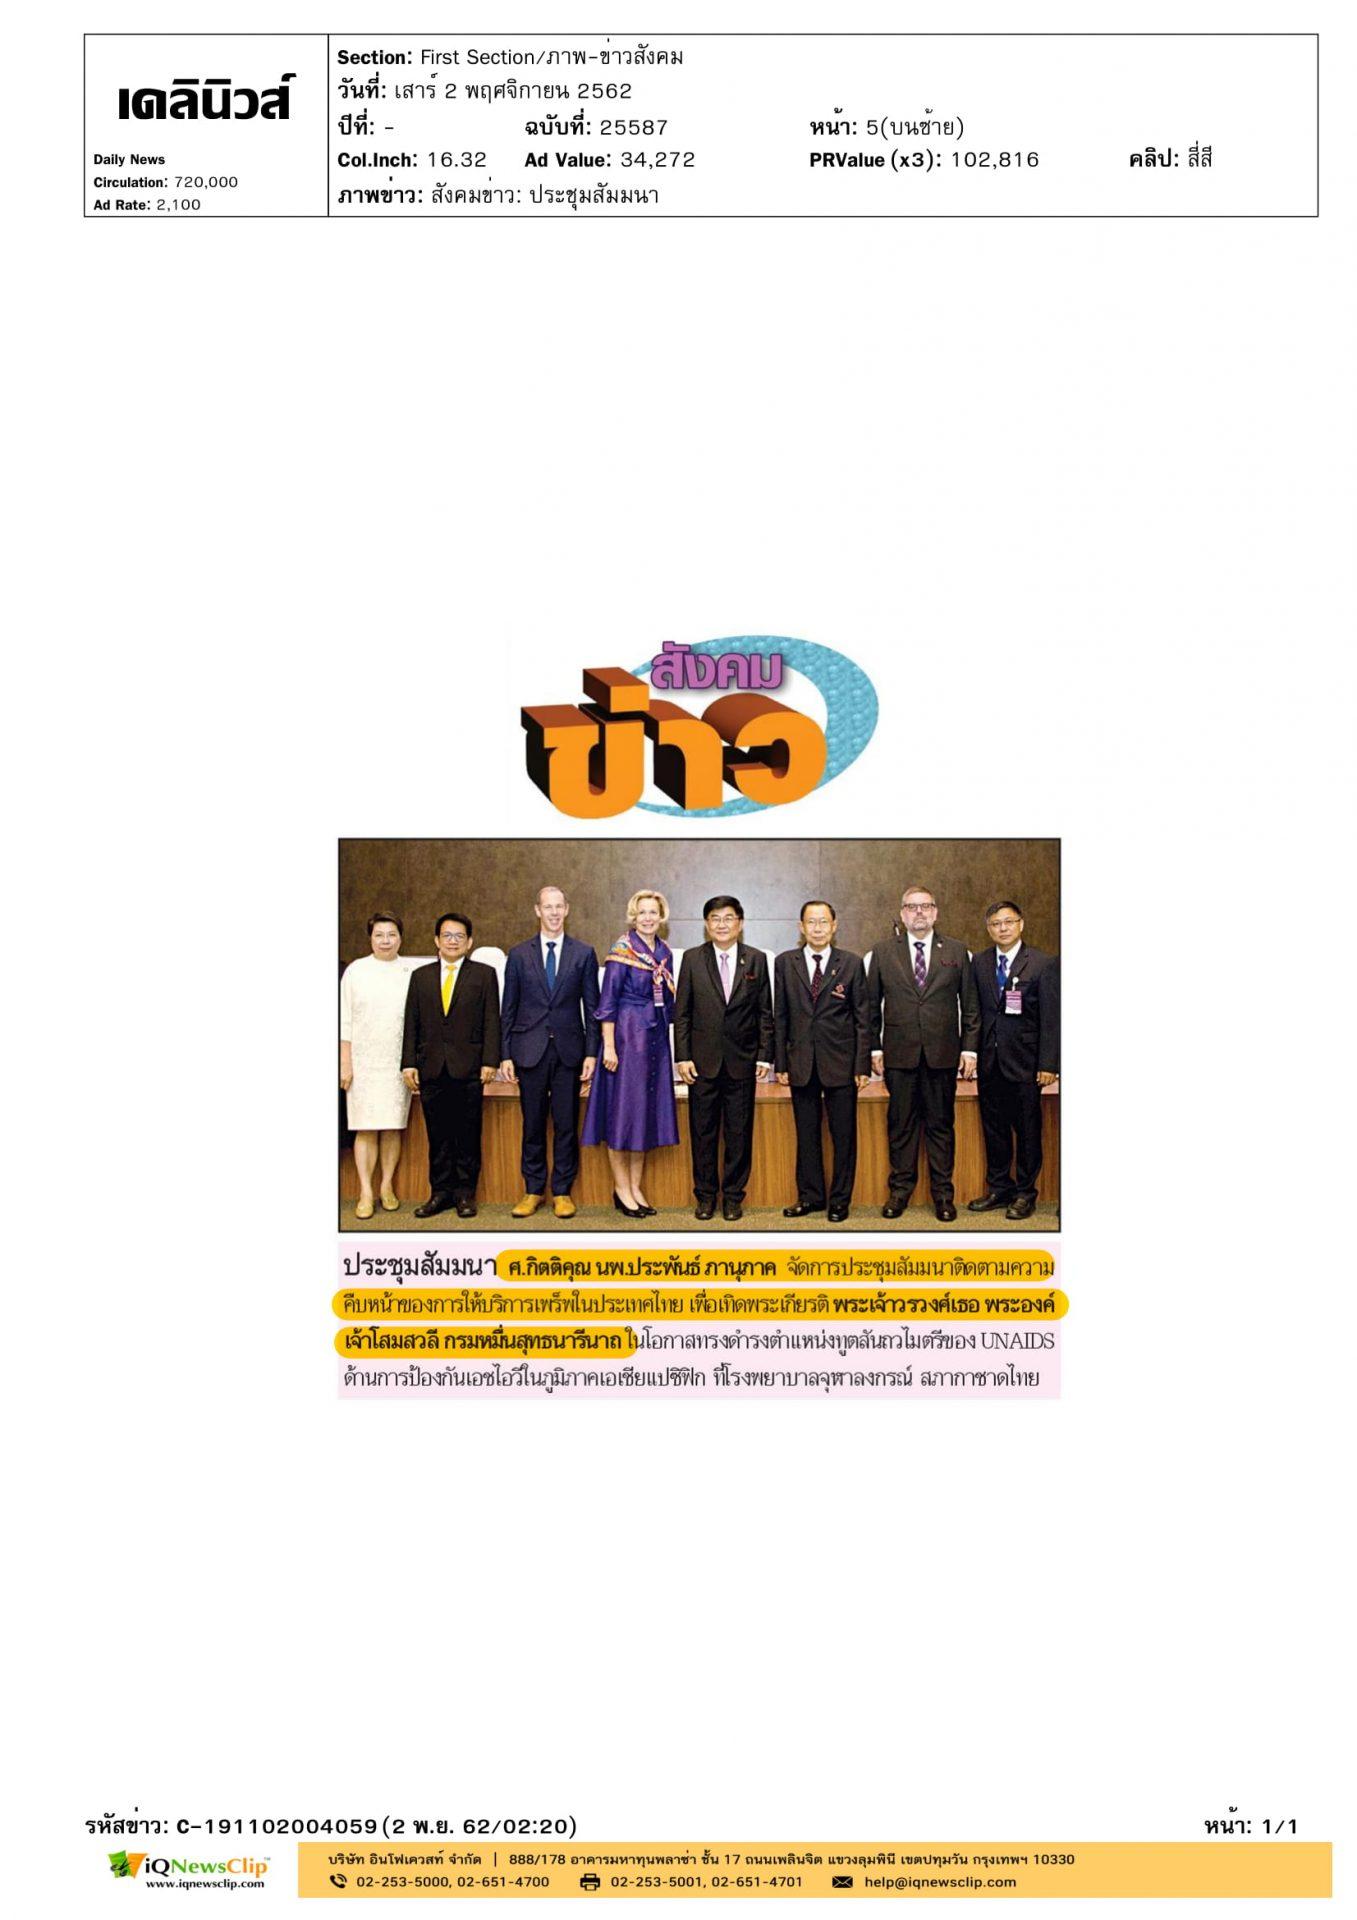 ความคืบหน้าการให้บริการเพร็พในประเทศไทย